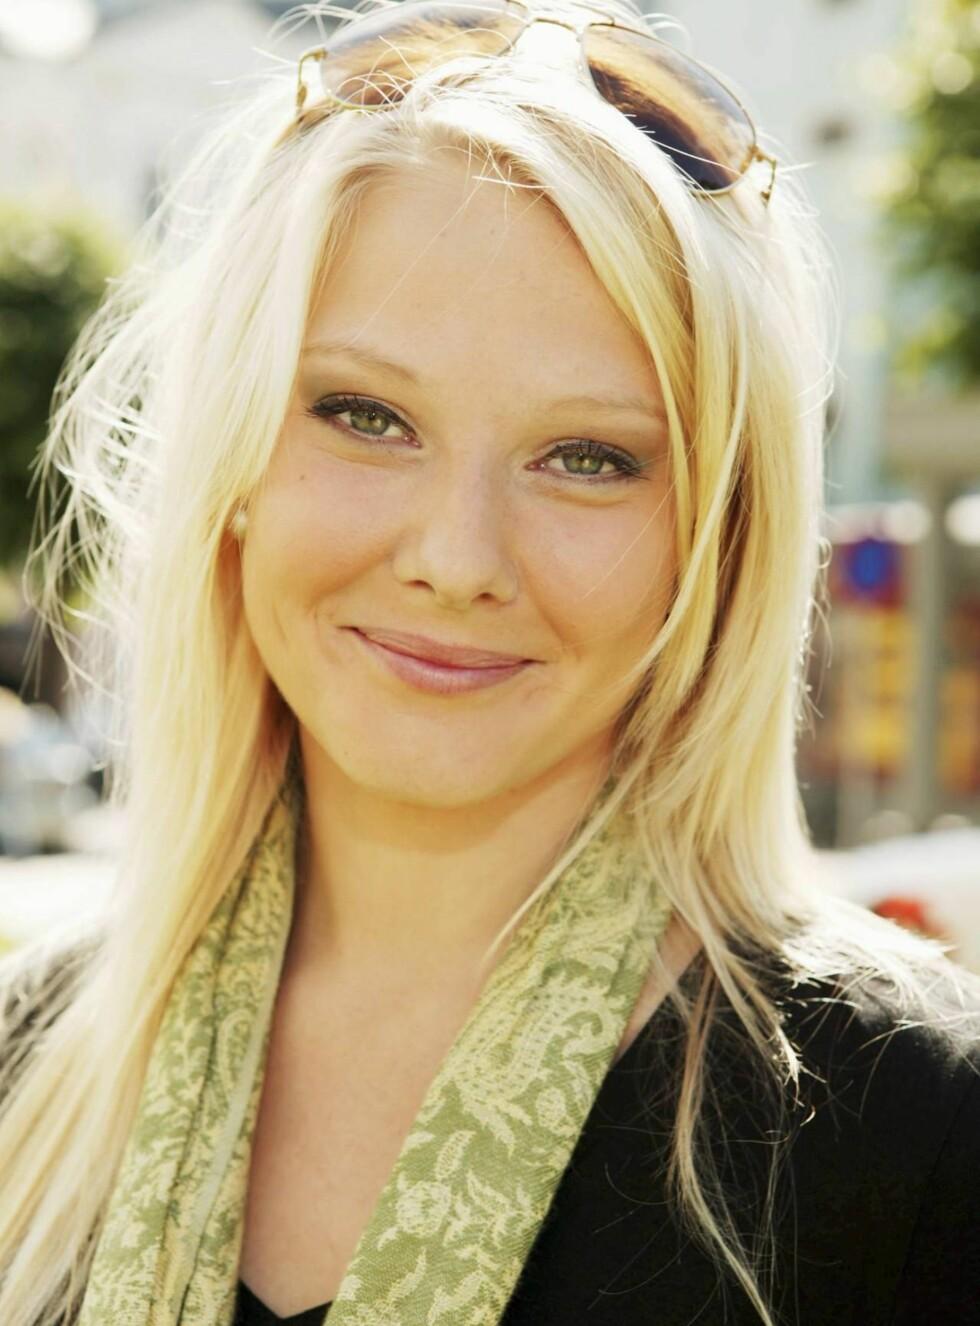 VAKKER BRUD: Ingen tvil om at denne jenta kommer til å bli en vakker brud... Foto: Werner Juvik, Se og Hør